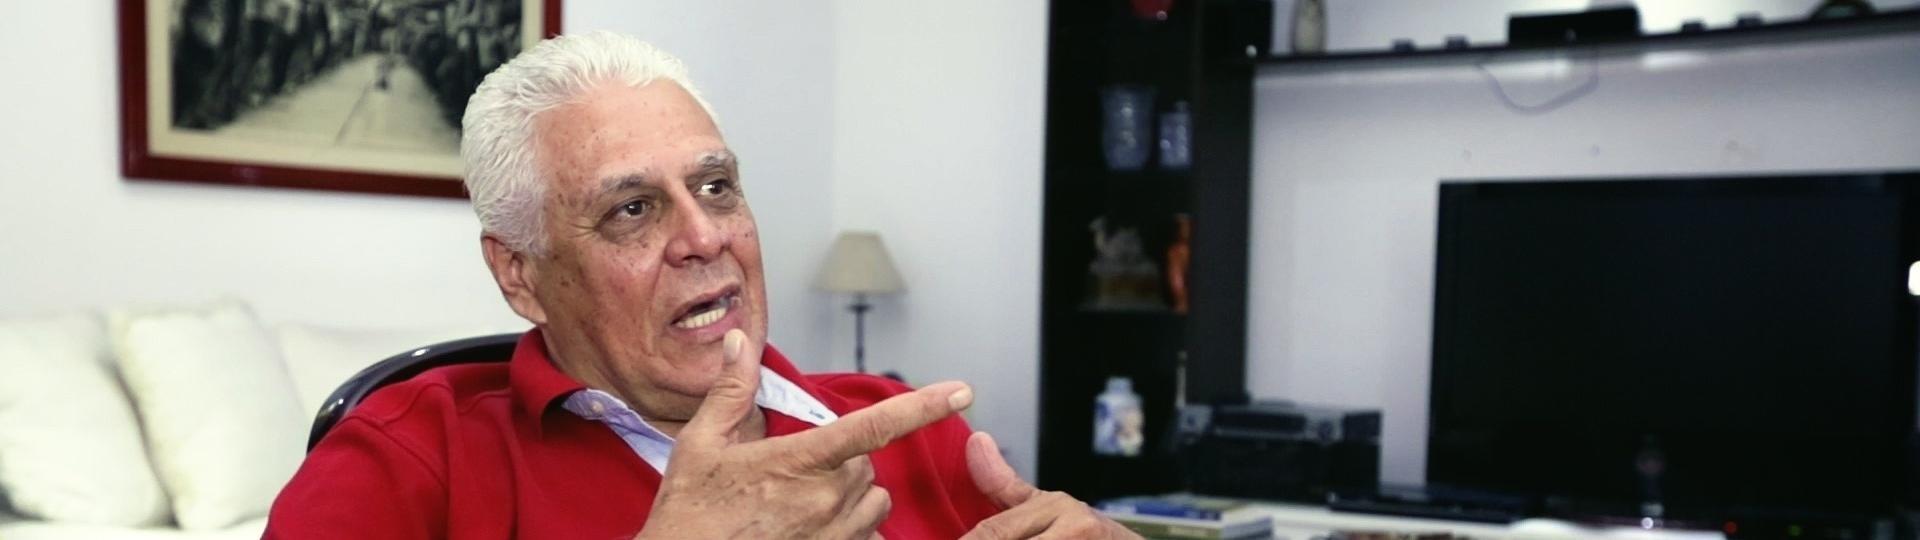 Roberto Dinamite em entrevista ao UOL